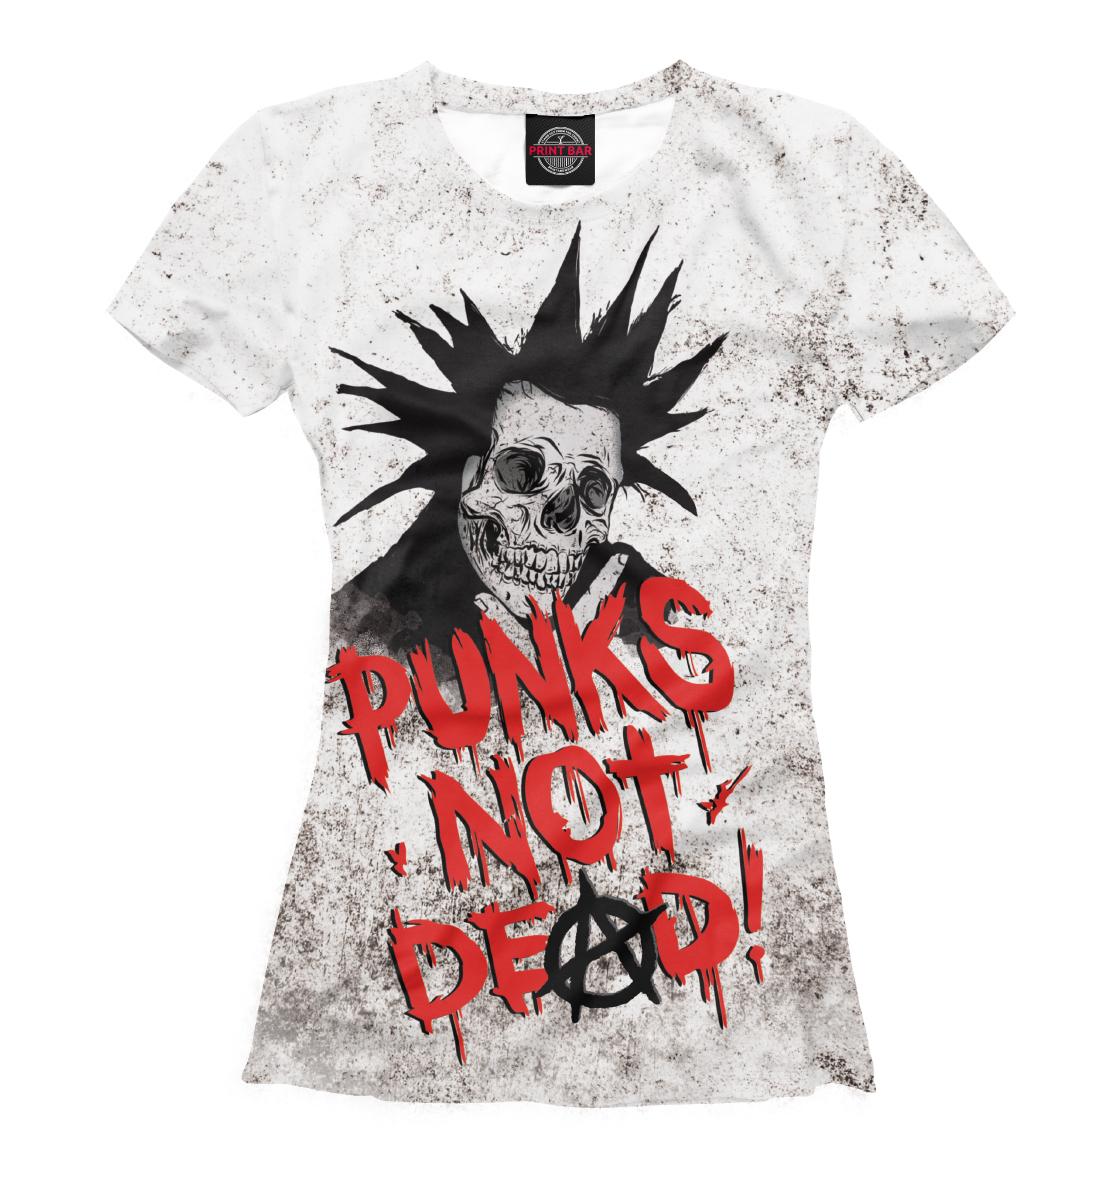 Купить Punks not Dead!, Printbar, Футболки, MZK-529454-fut-1